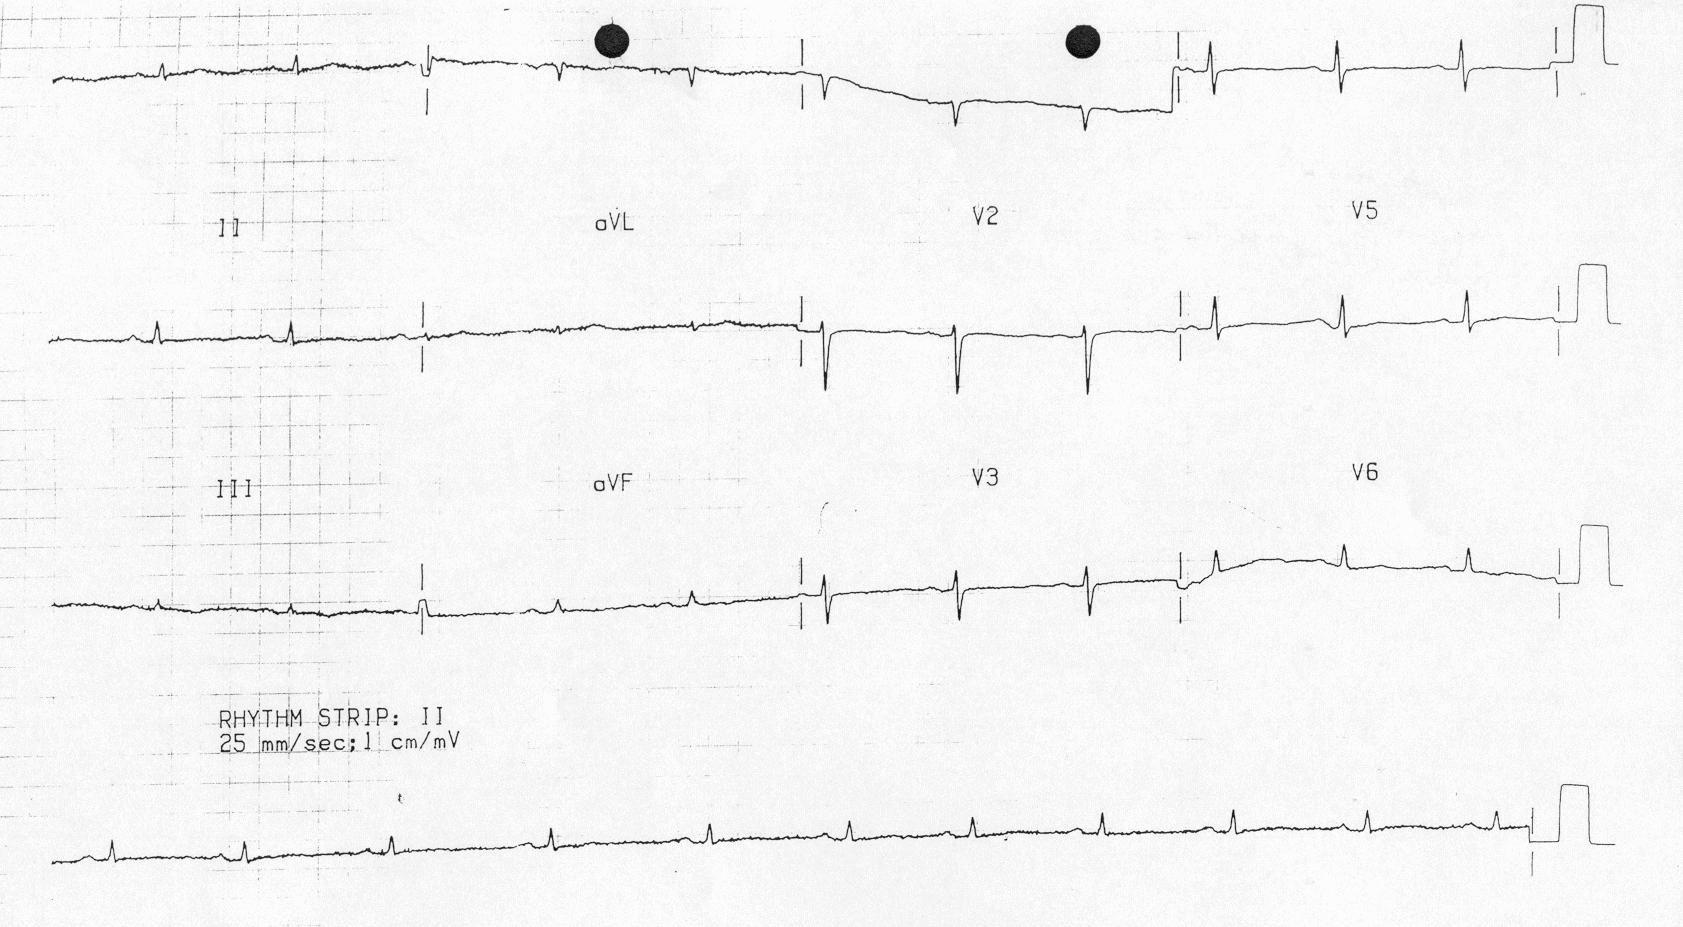 Düşük QRS voltajı Kaynak : lifeinthefastlane.com - ECG library